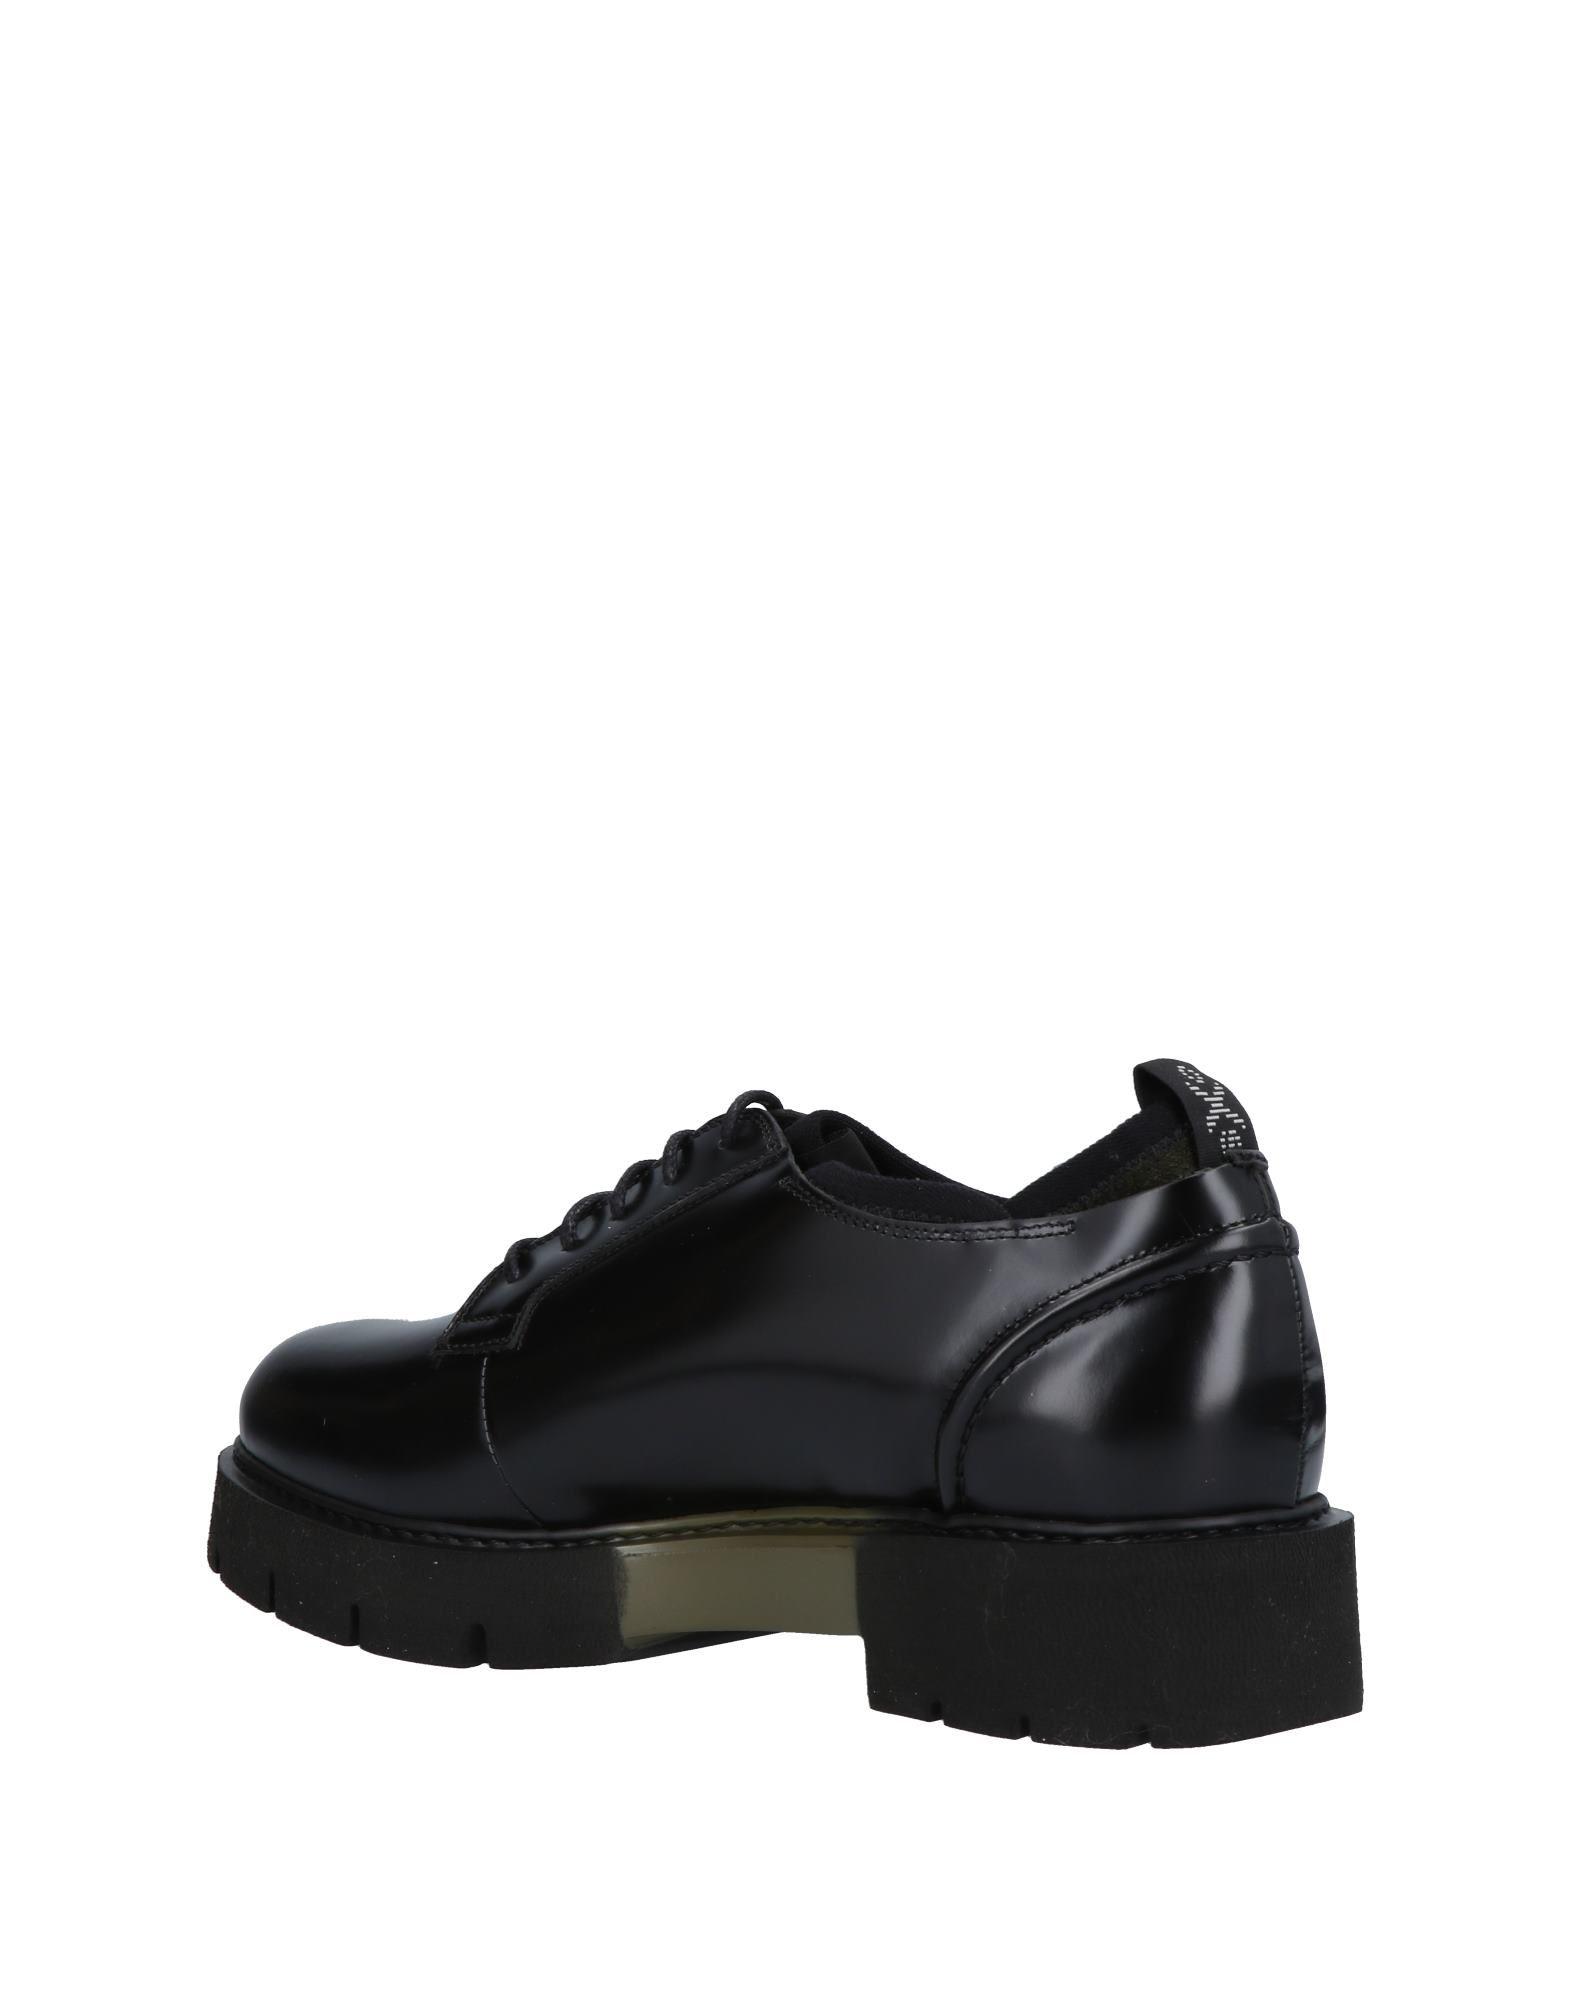 Chaussures À Lacets O.X.S. Homme - Chaussures À Lacets O.X.S. sur